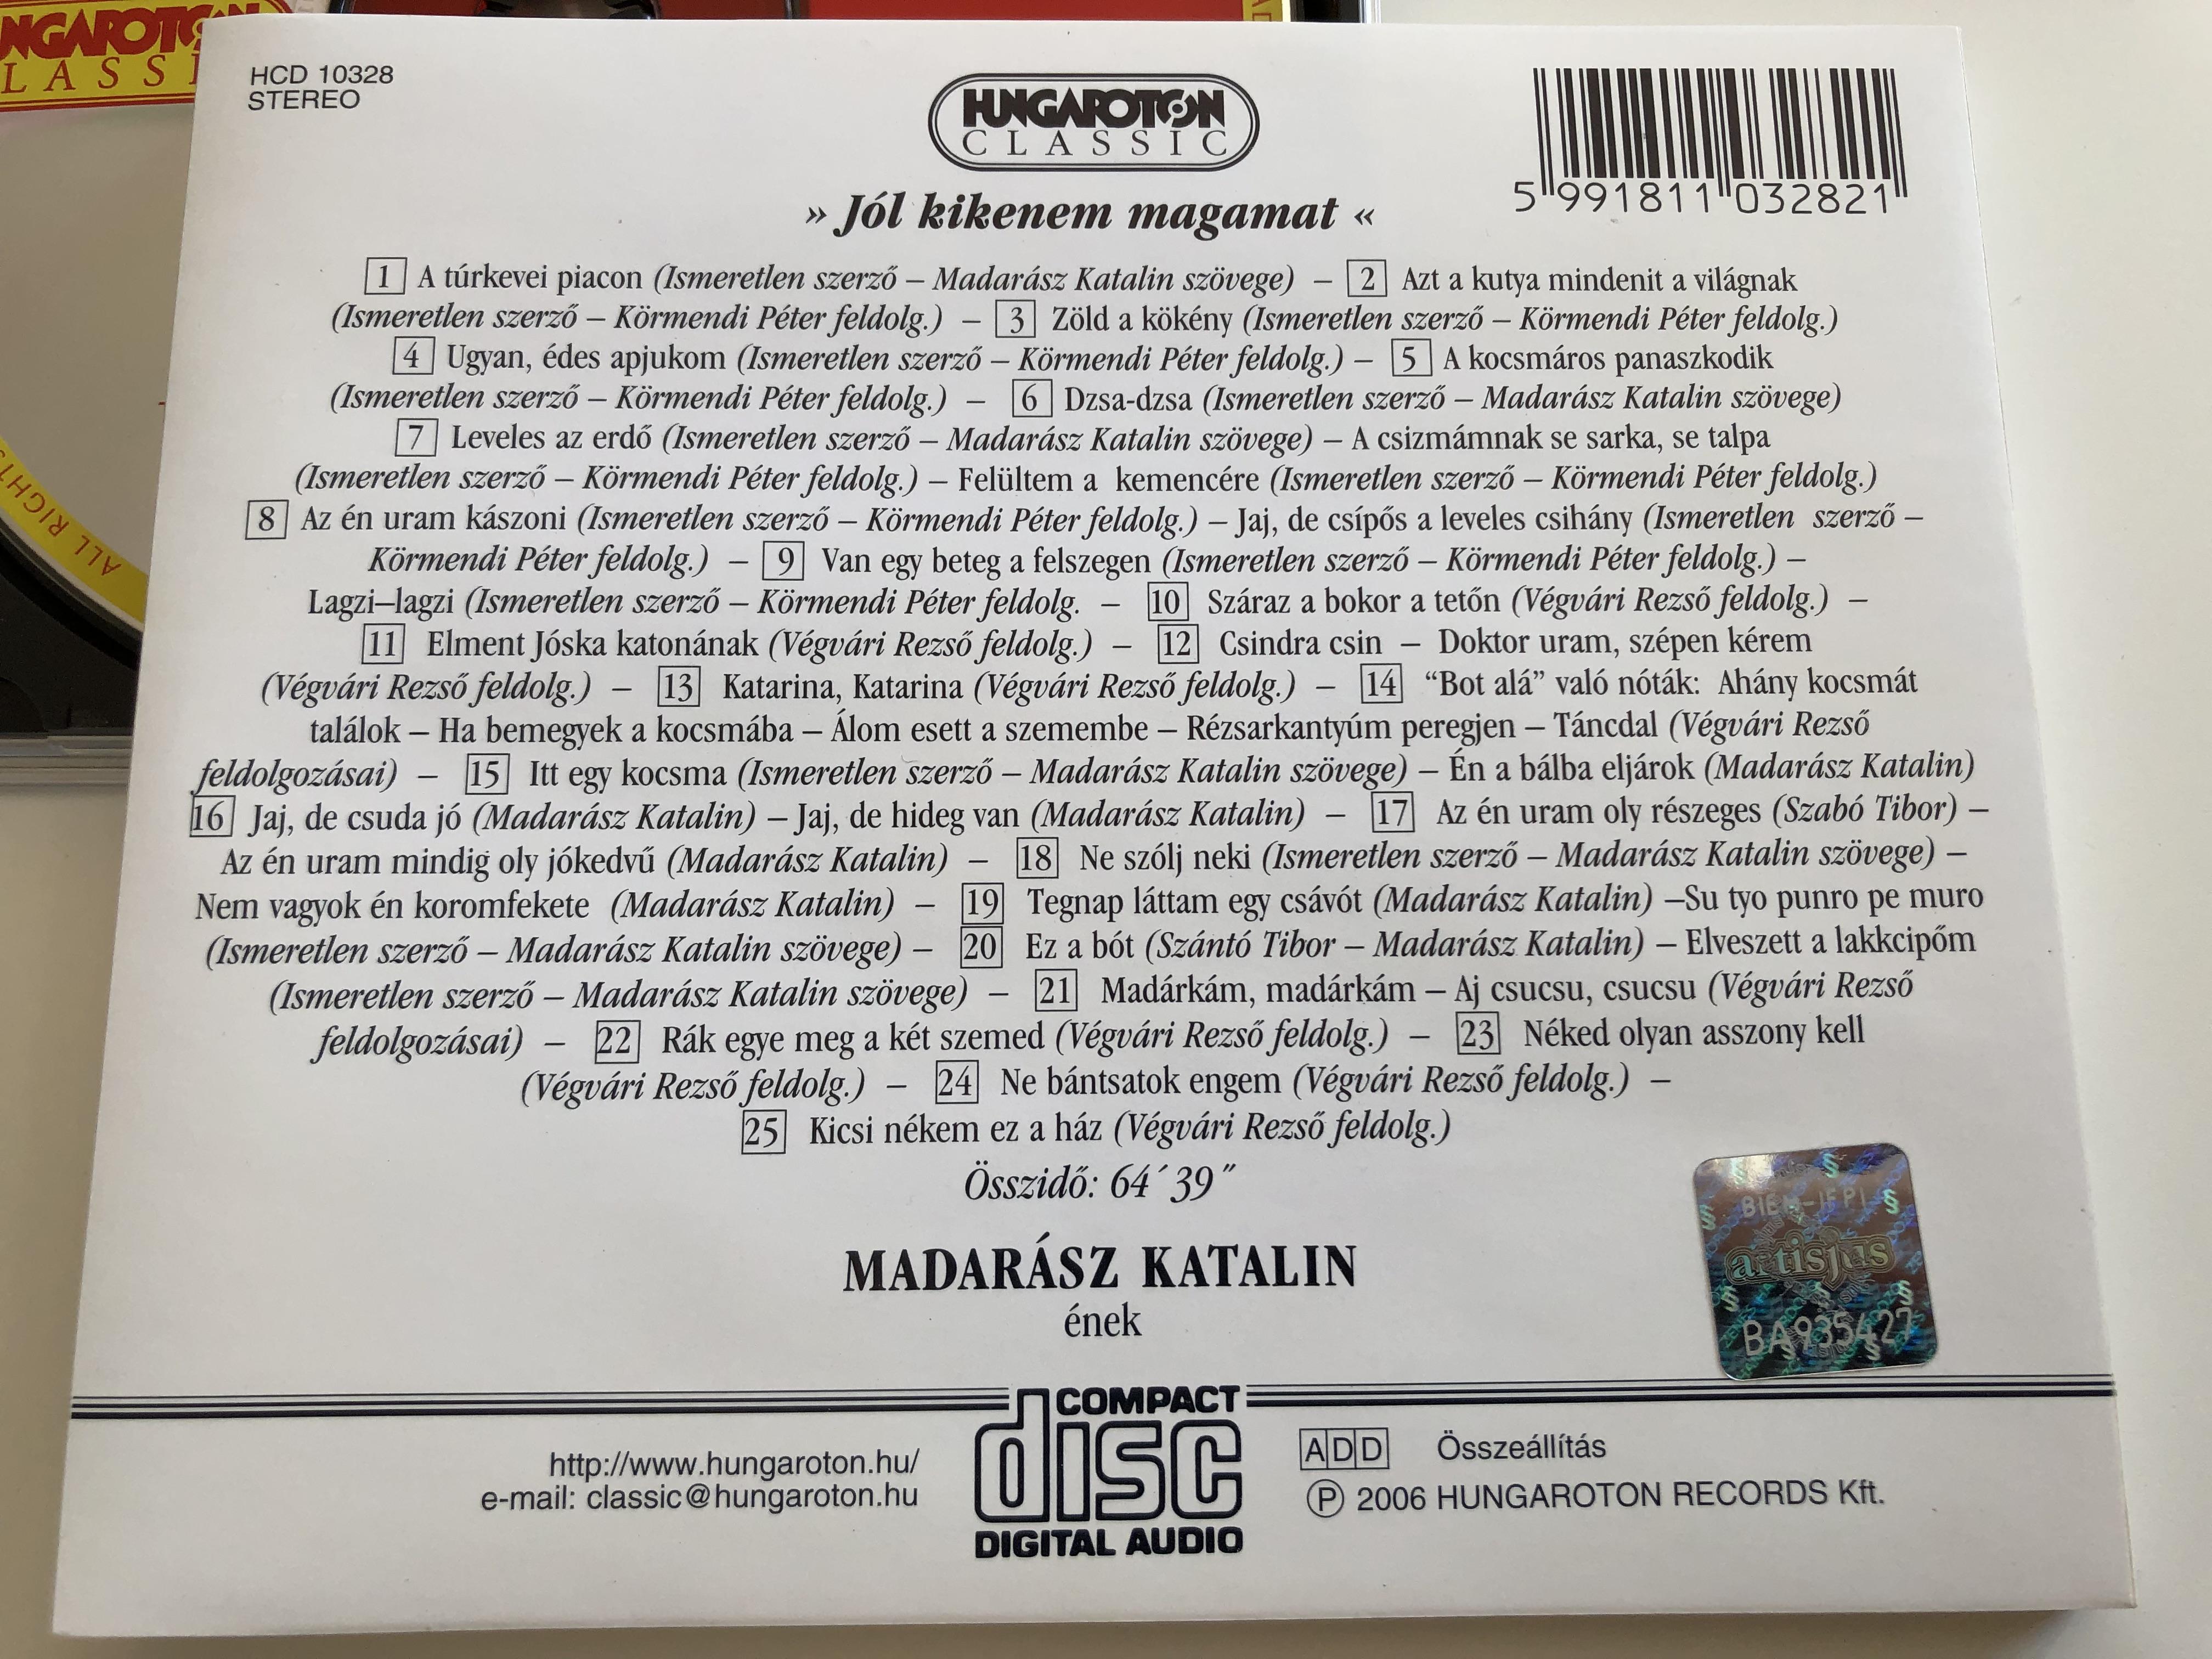 -j-l-kikenem-magamat-madar-sz-katalin-enekel-hungaroton-classic-audio-cd-2006-stereo-hcd-10328-5-.jpg